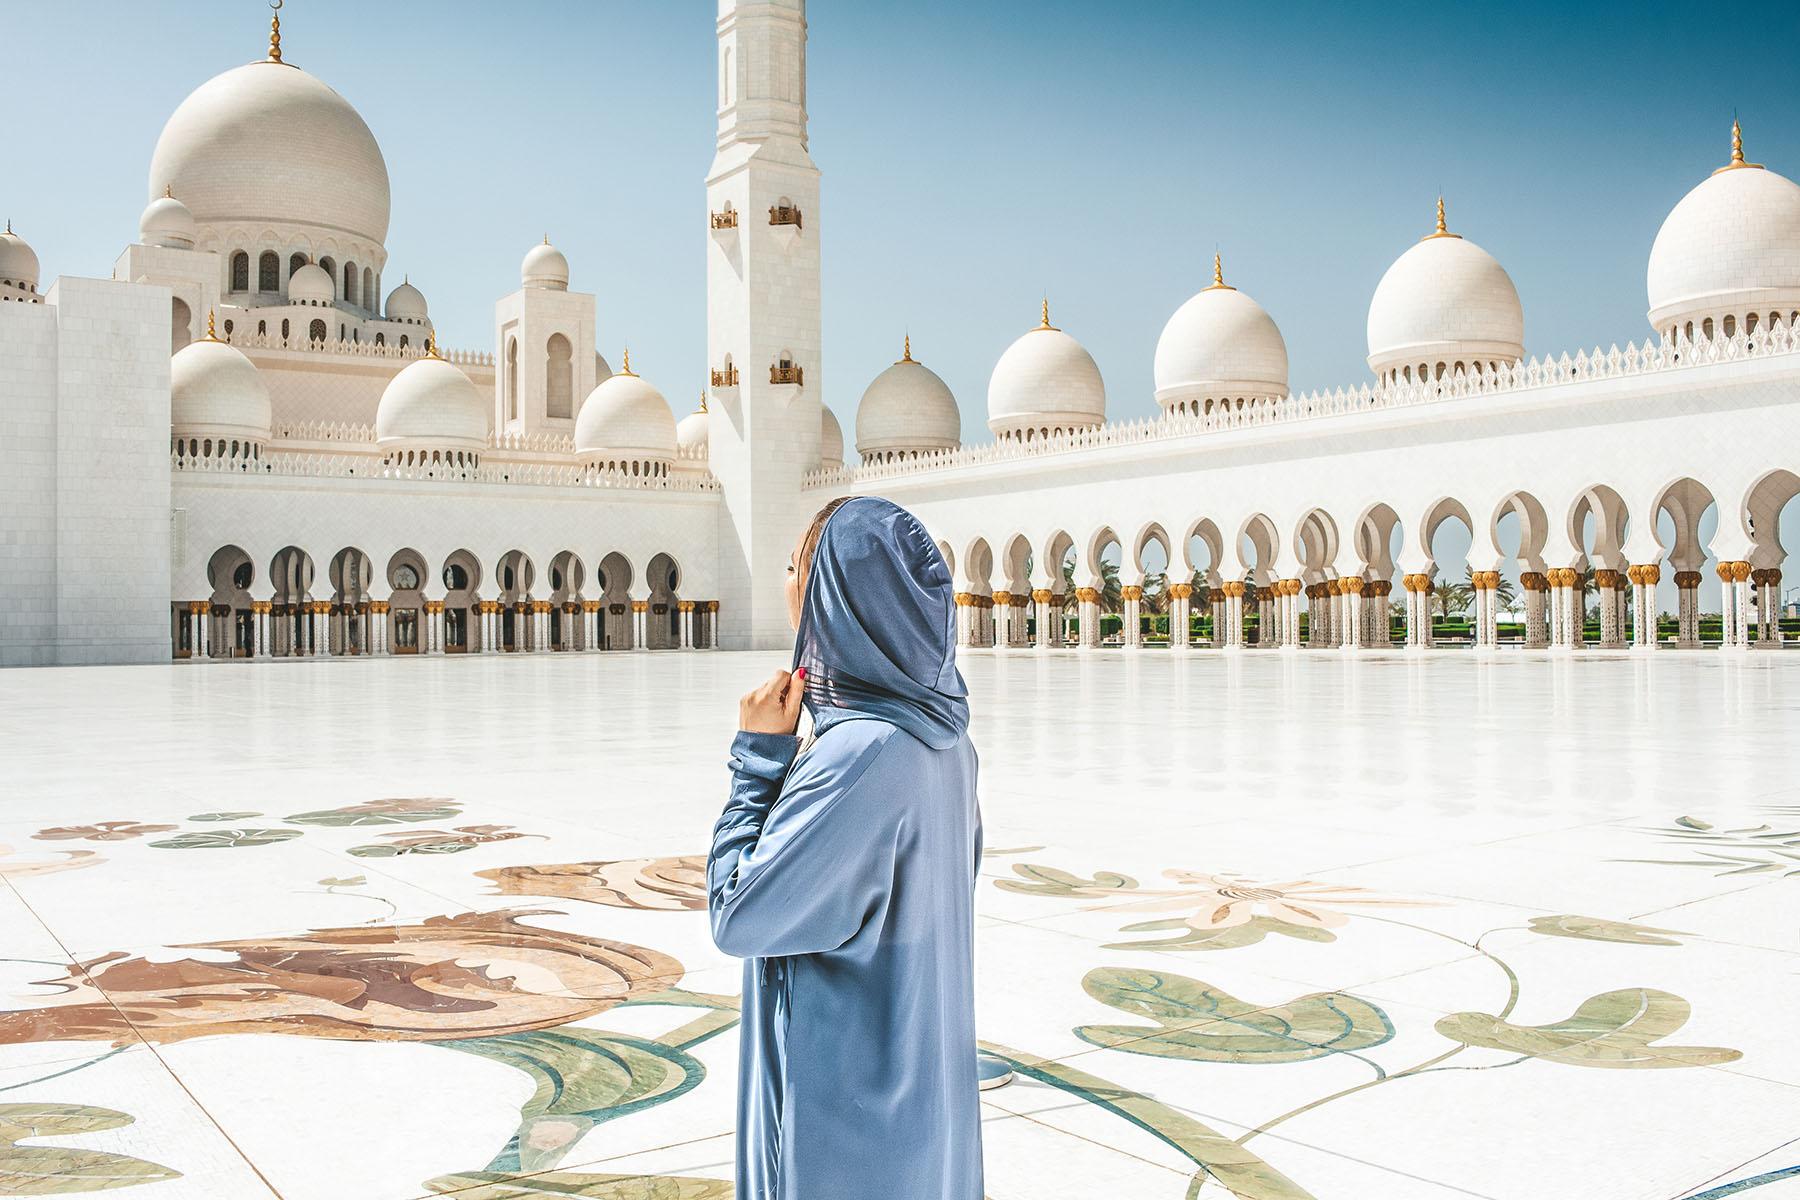 Orient Kreuzfahrt Abu Dhabi Scheich Zayid Moschee 6